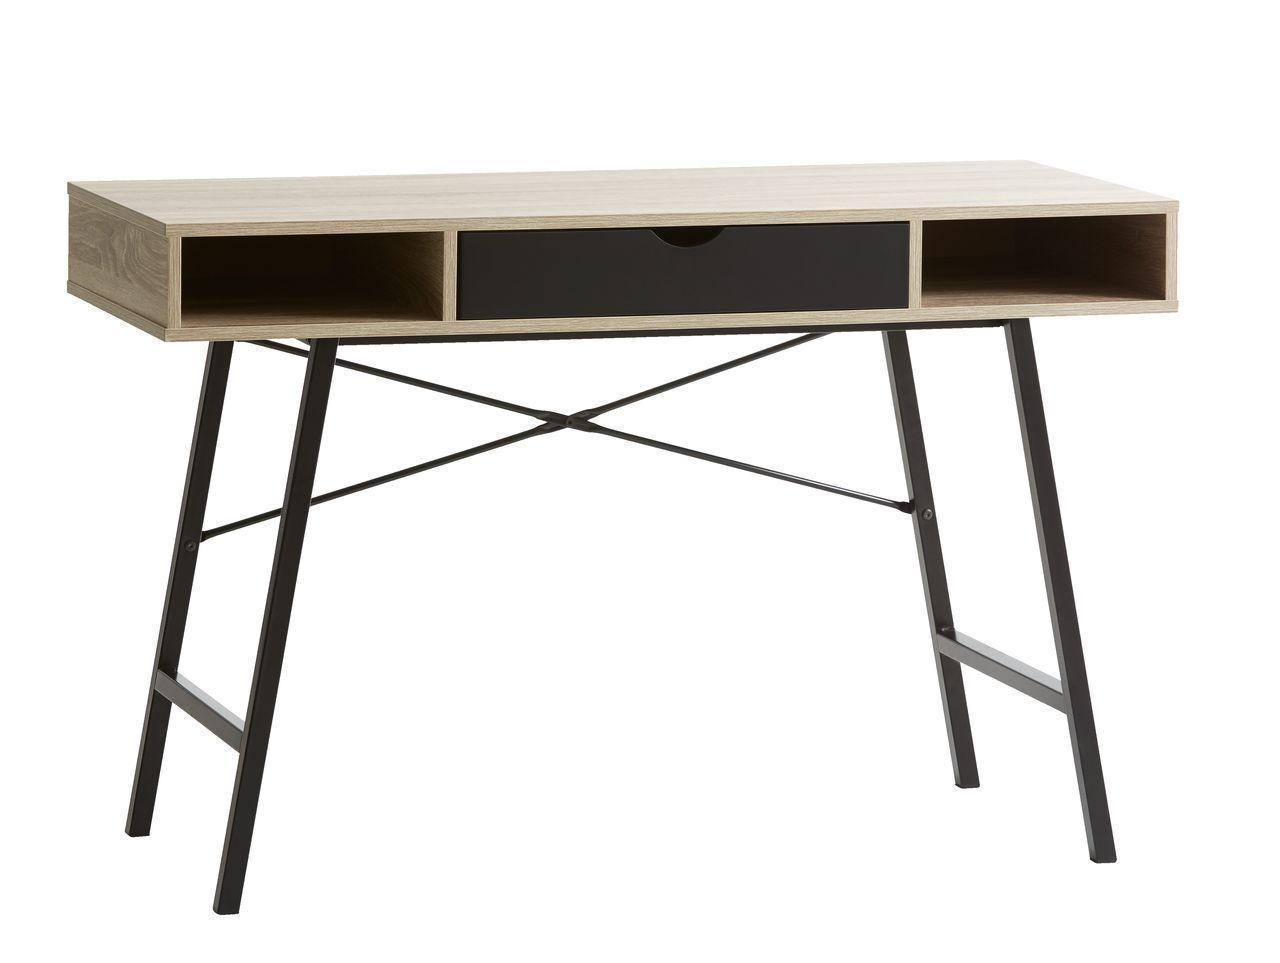 🏡Стильный офисный стол с ящиком черным 120 см | компьютерный столик, столик для ноутбука трансформер, столик для ноутбука, столик для ноута, столик